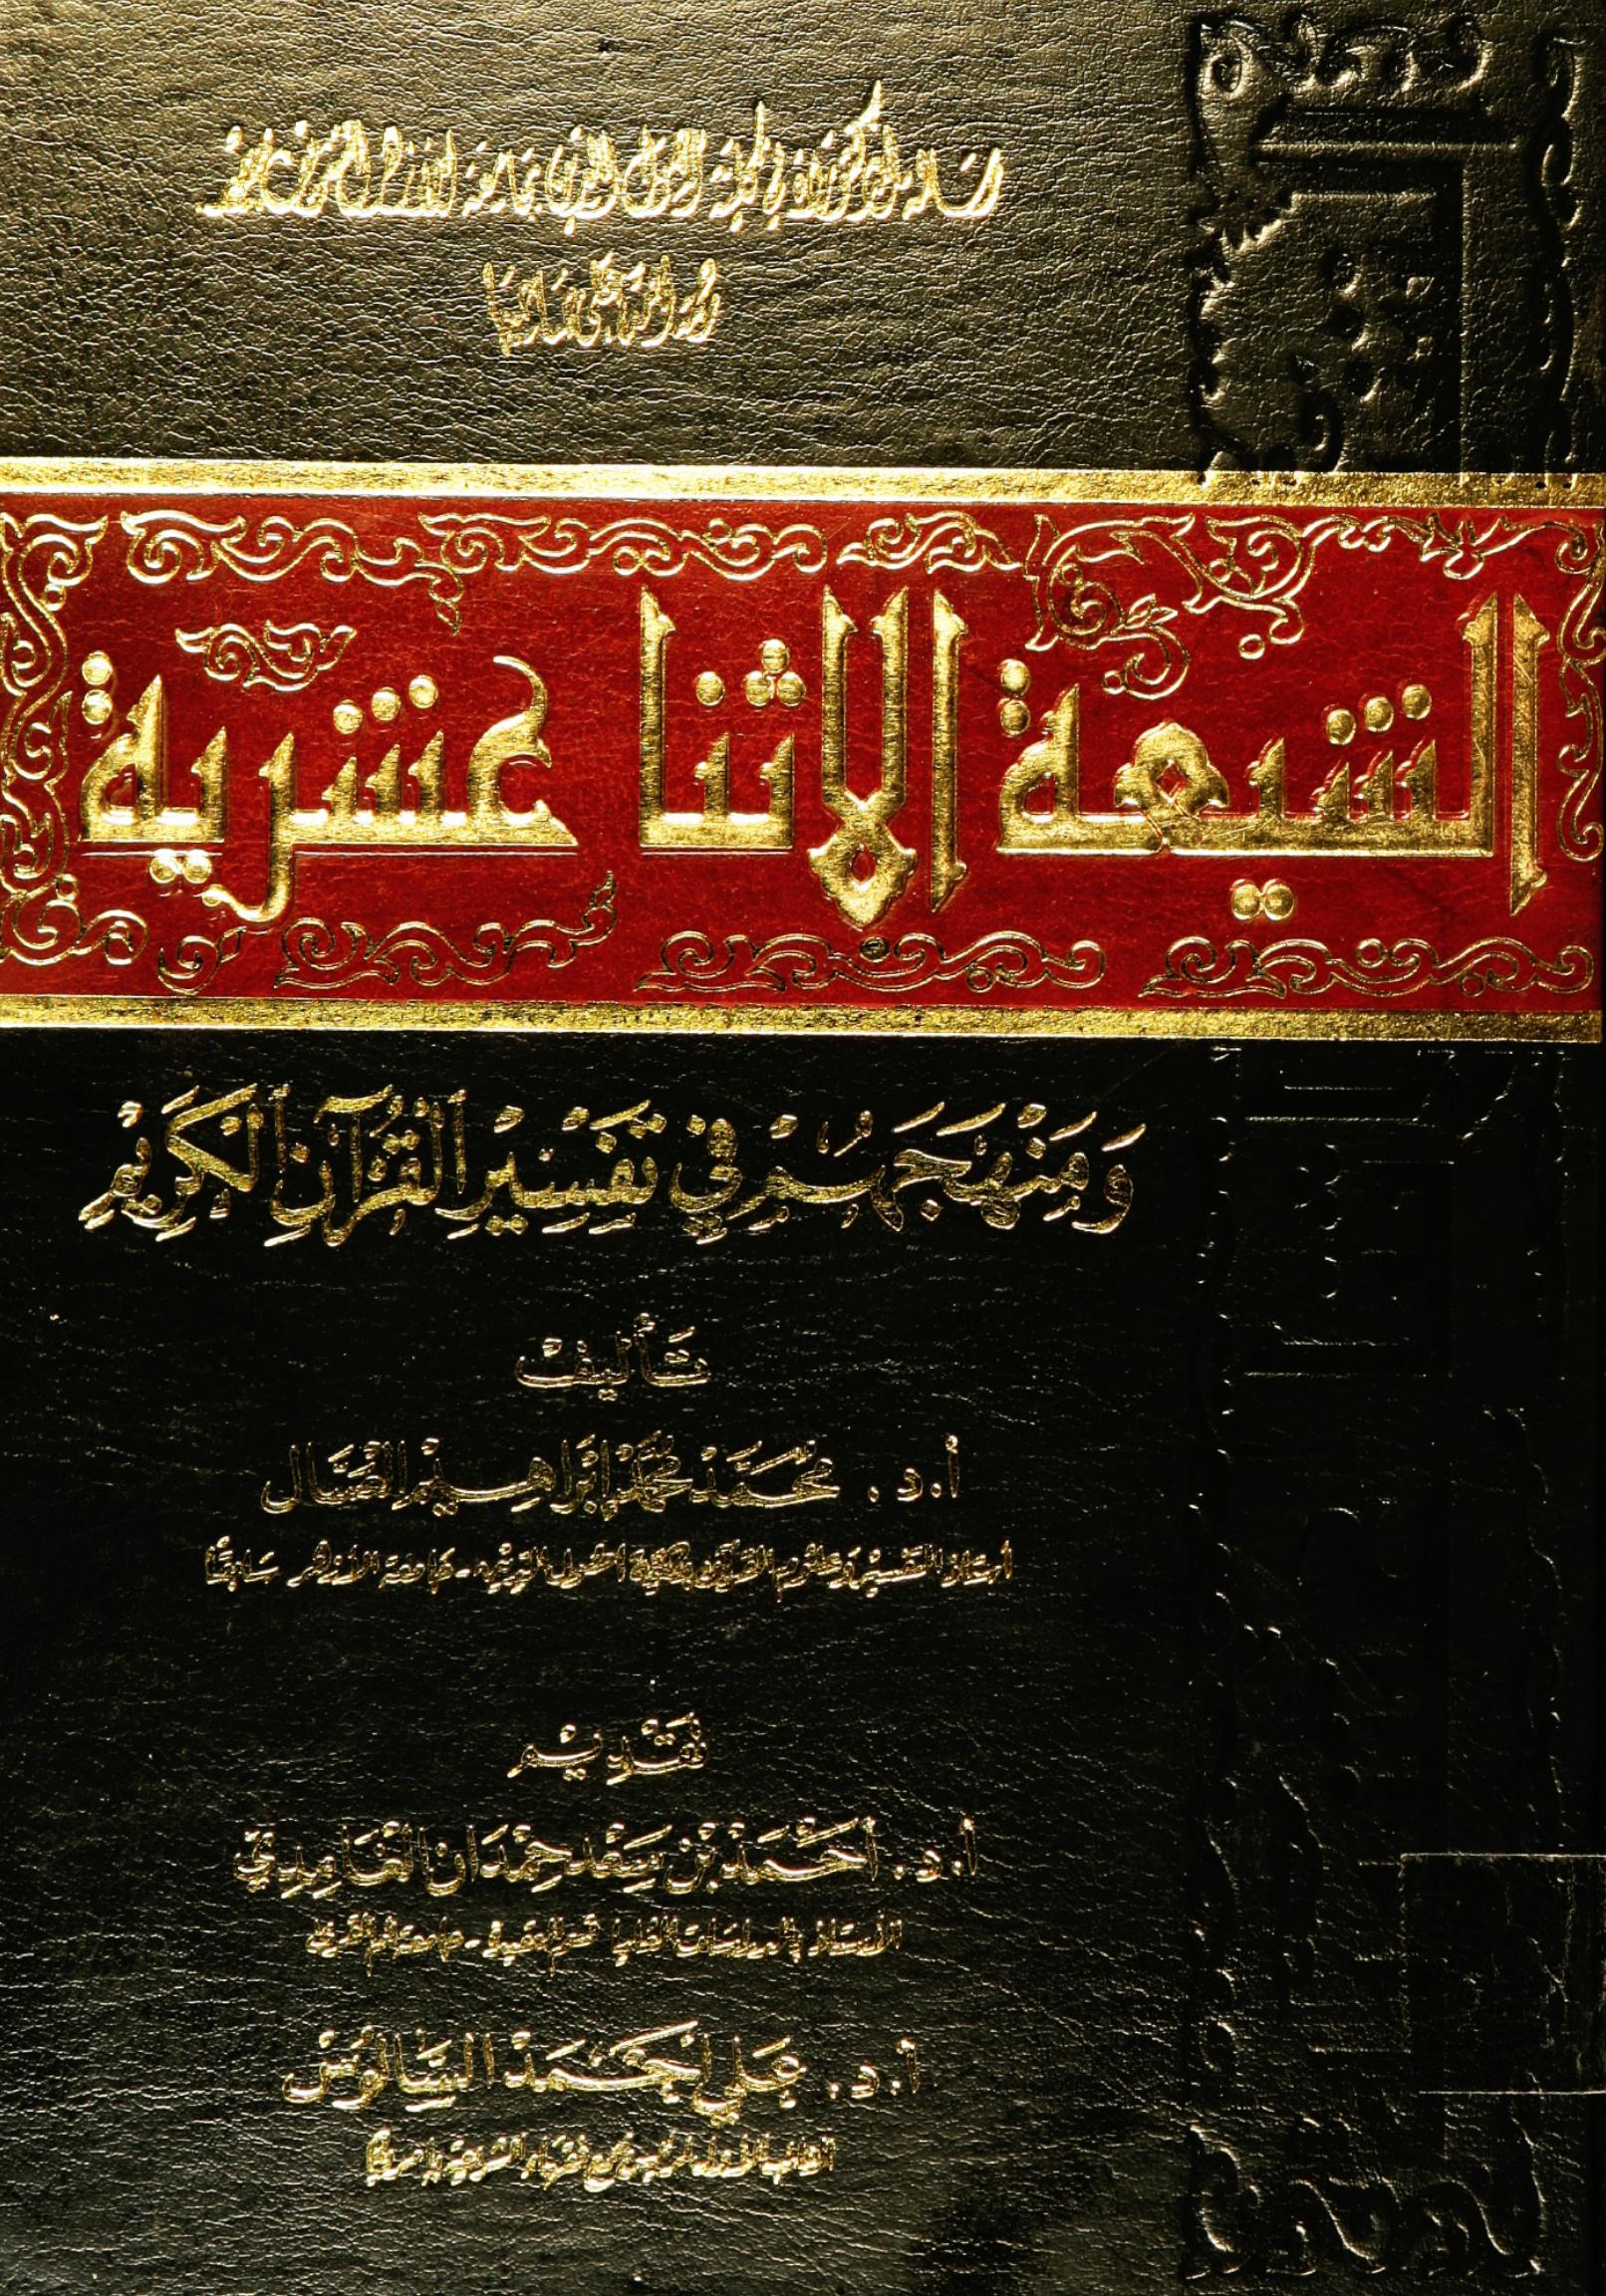 تحميل كتاب الشيعة الاثنا عشرية ومنهجهم في تفسير القرآن الكريم لـِ: الدكتور محمد محمد إبراهيم العسال